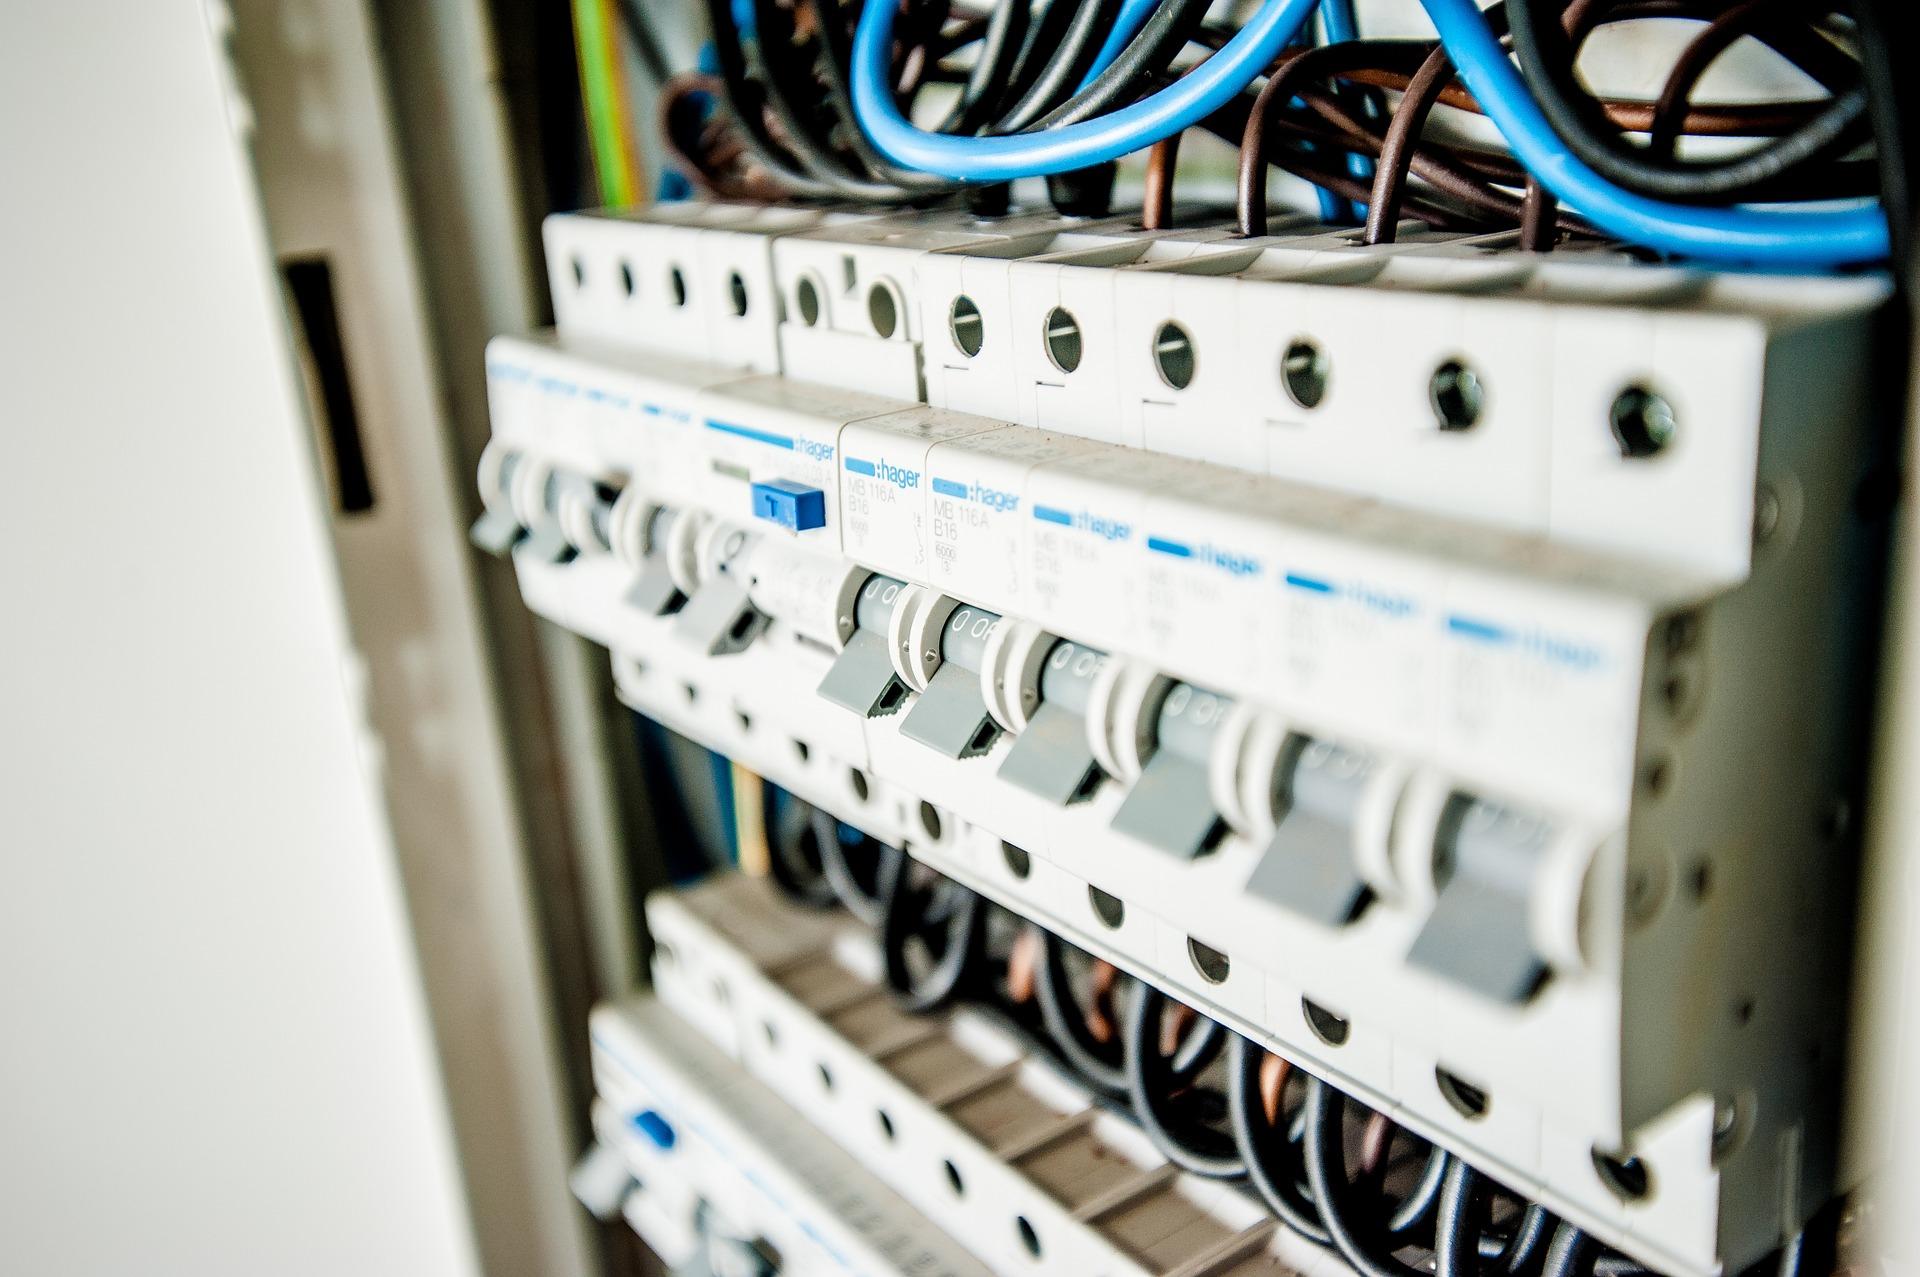 Mise au norme electrique pour vente